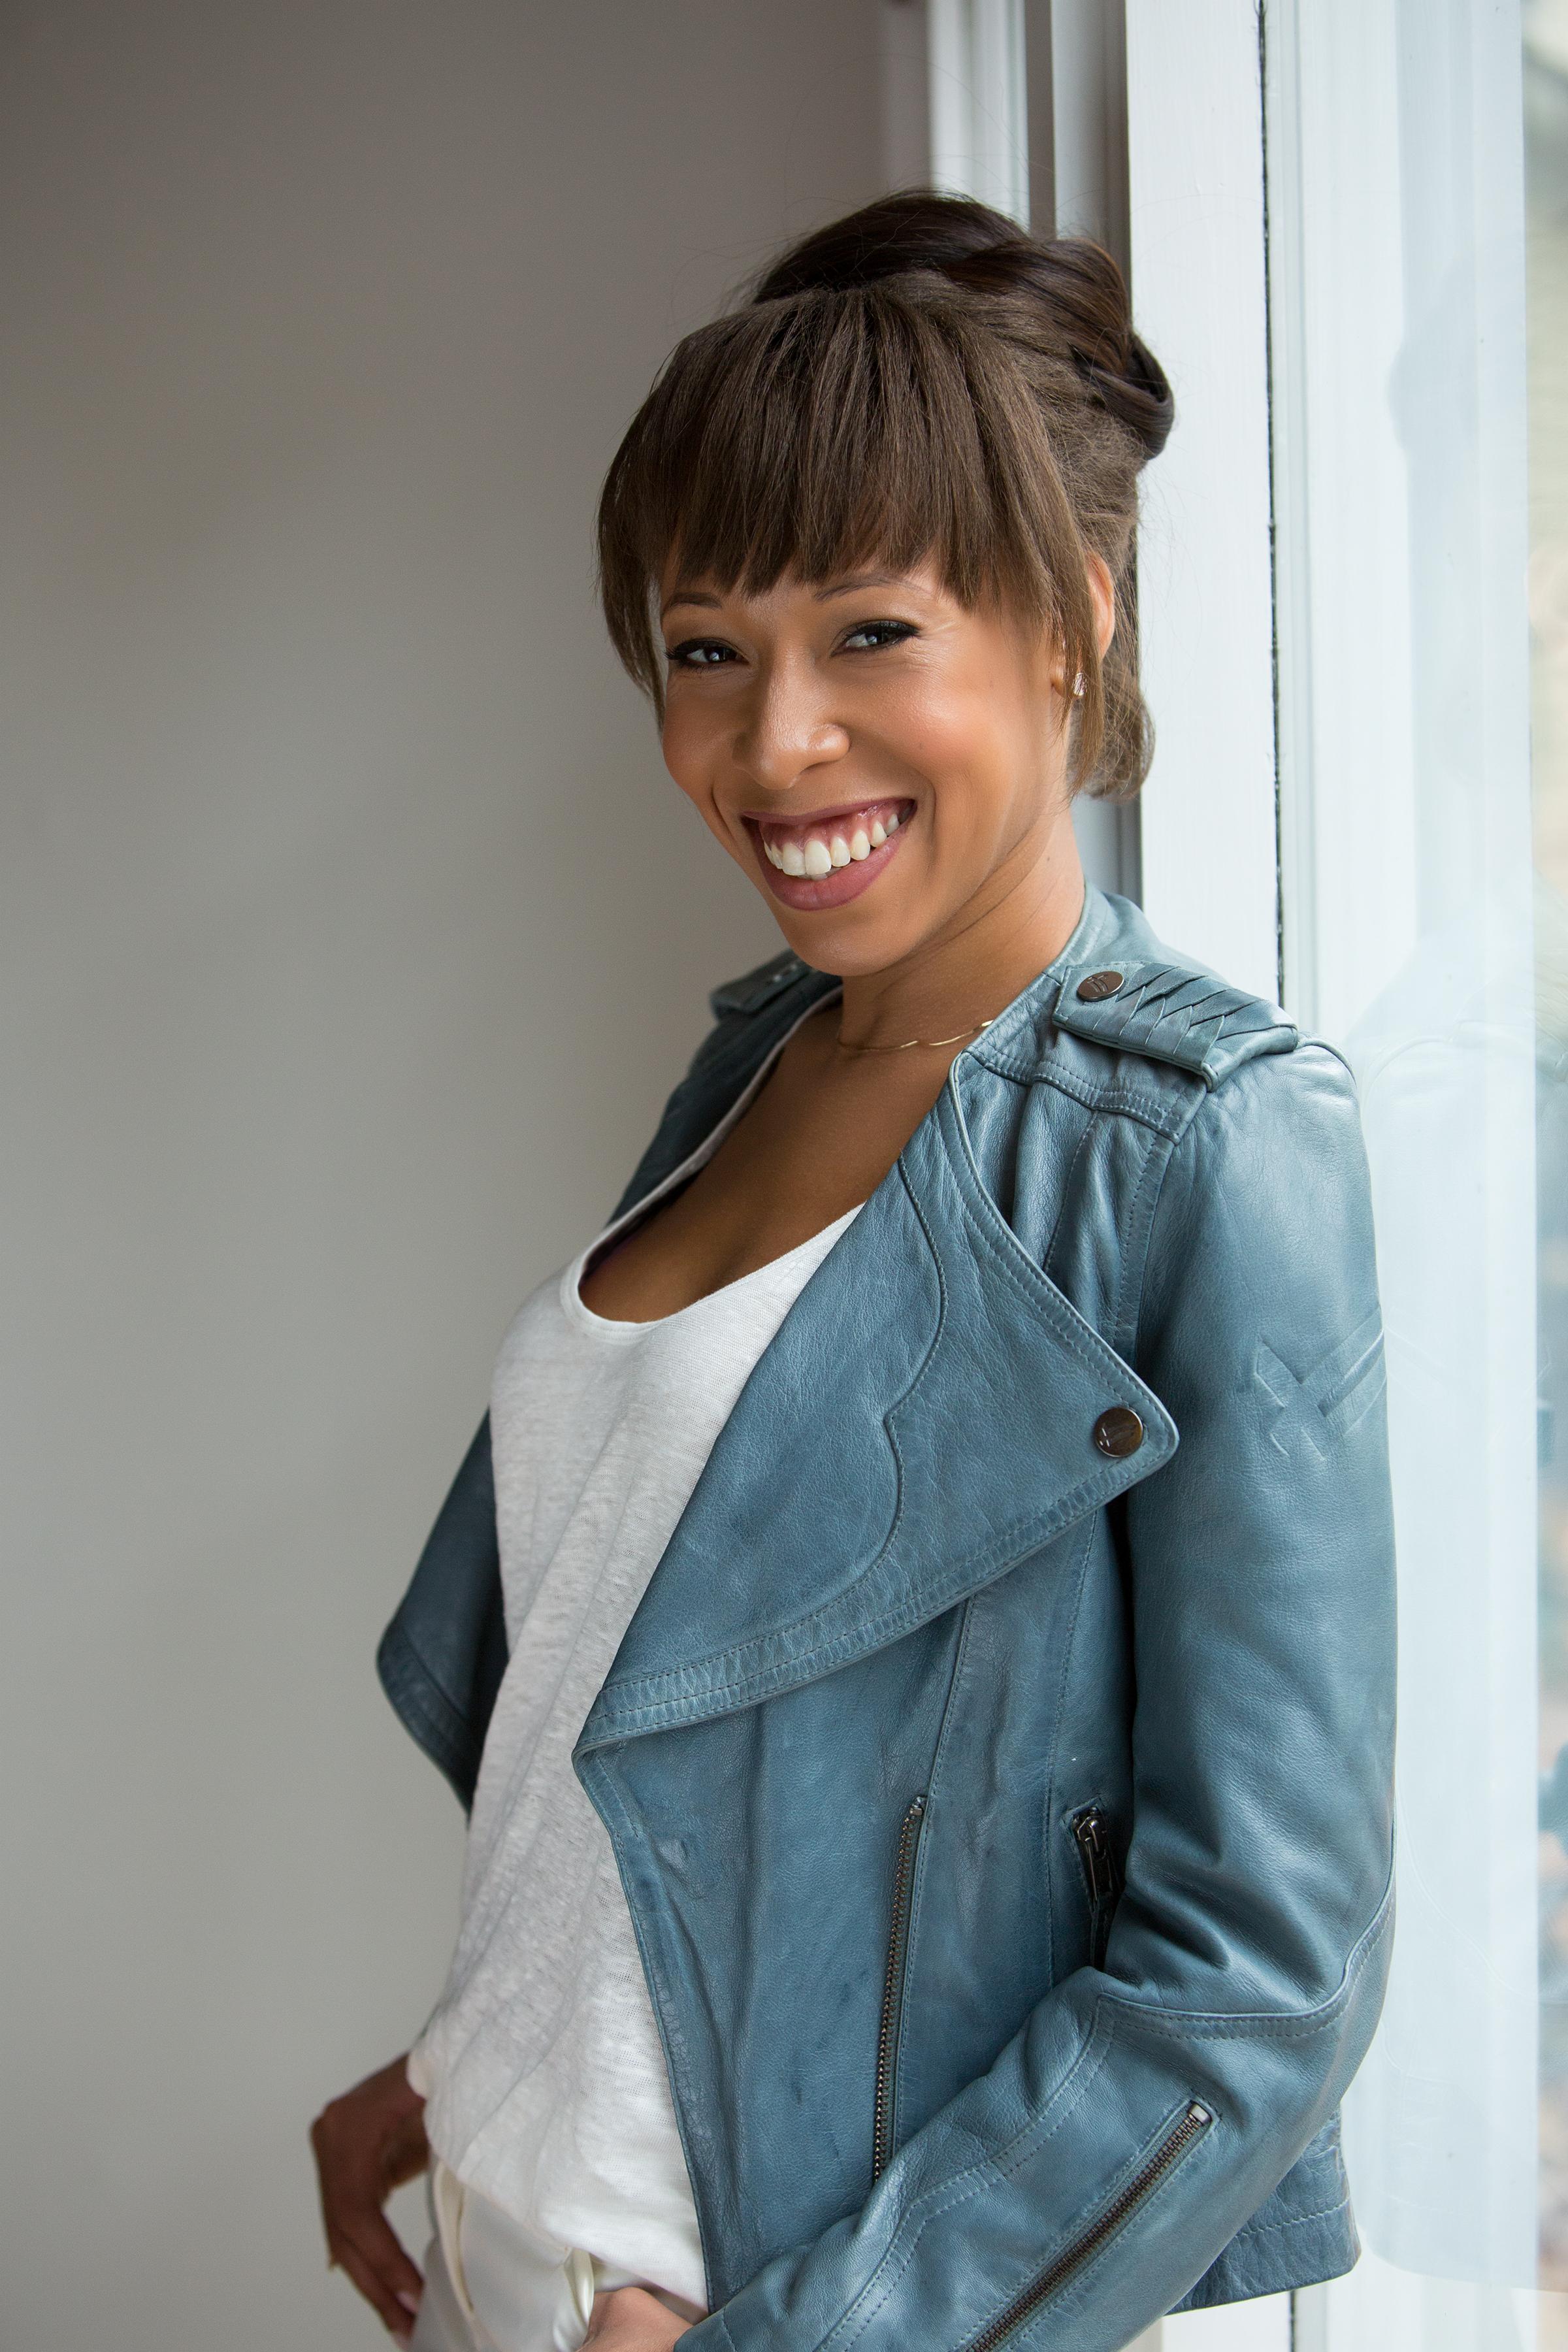 Cherie Corinne Rice